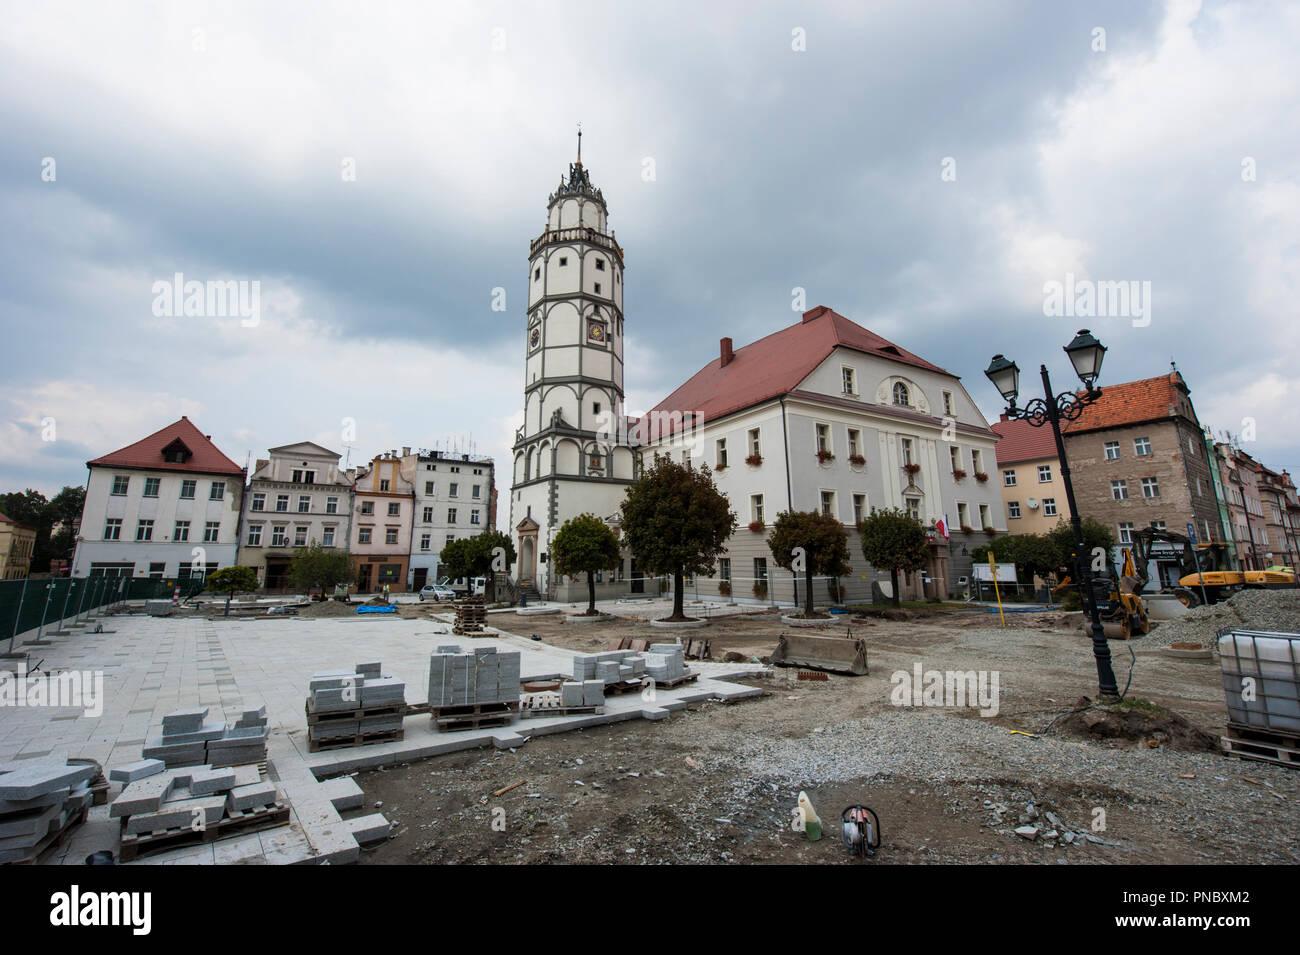 El ayuntamiento de Paczkow, al suroeste de Polonia. Foto de stock